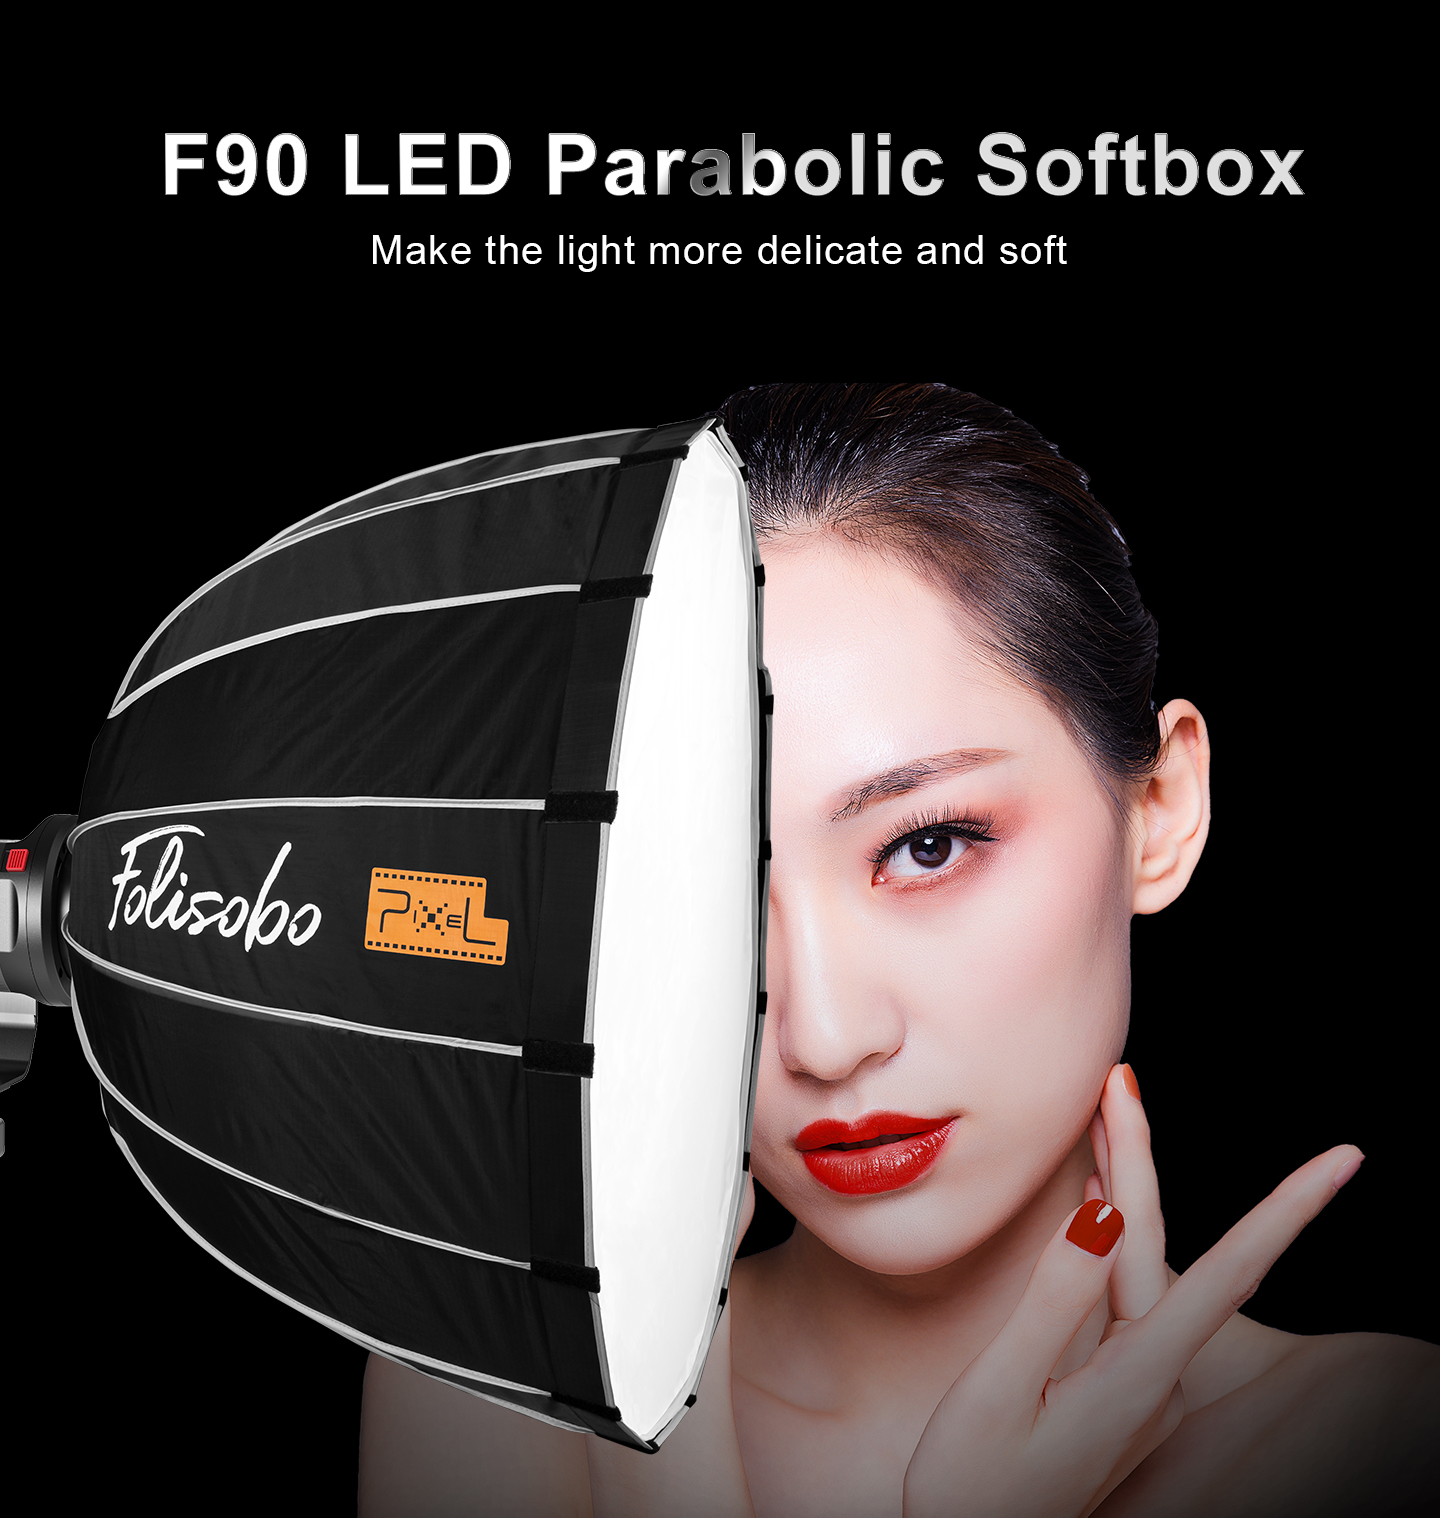 F90 LED Parabolic Softbox